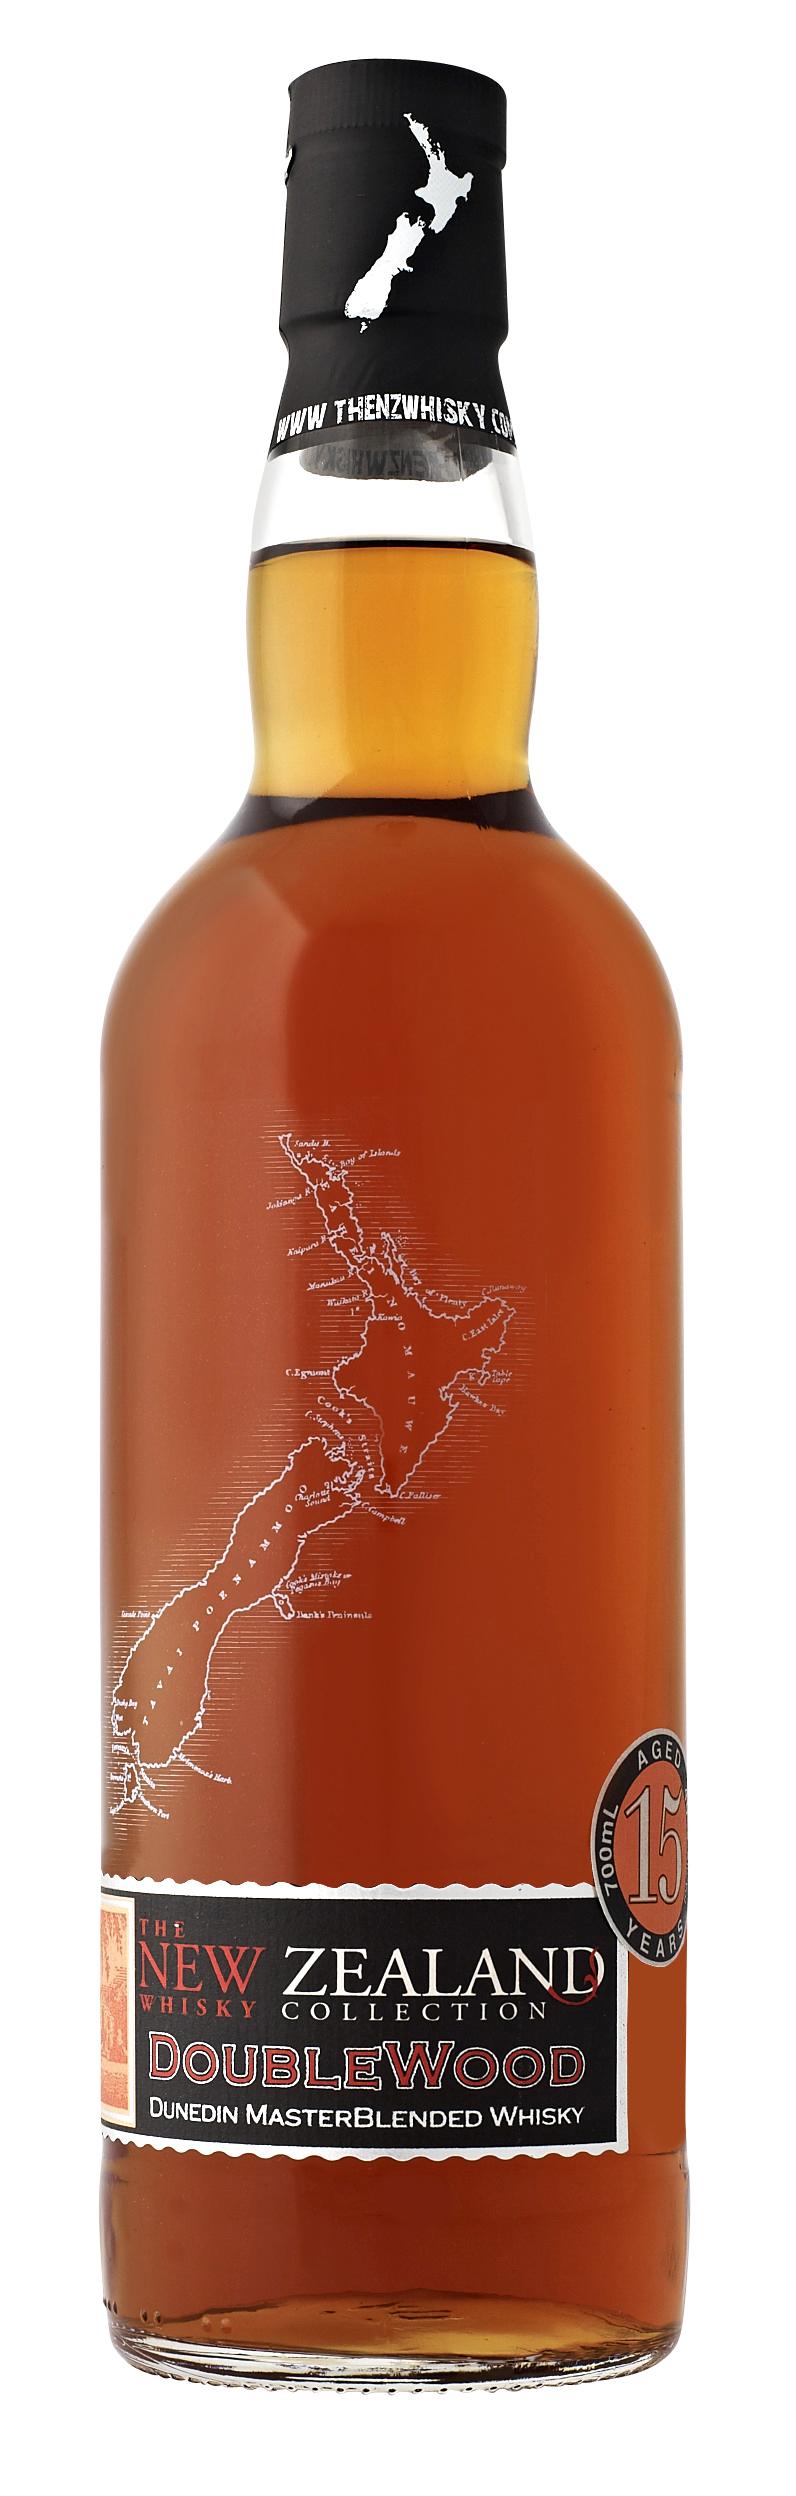 Les 5 Whiskies Du Monde Incontournables Avec Images Whisky Vins Et Spiritueux Alcool